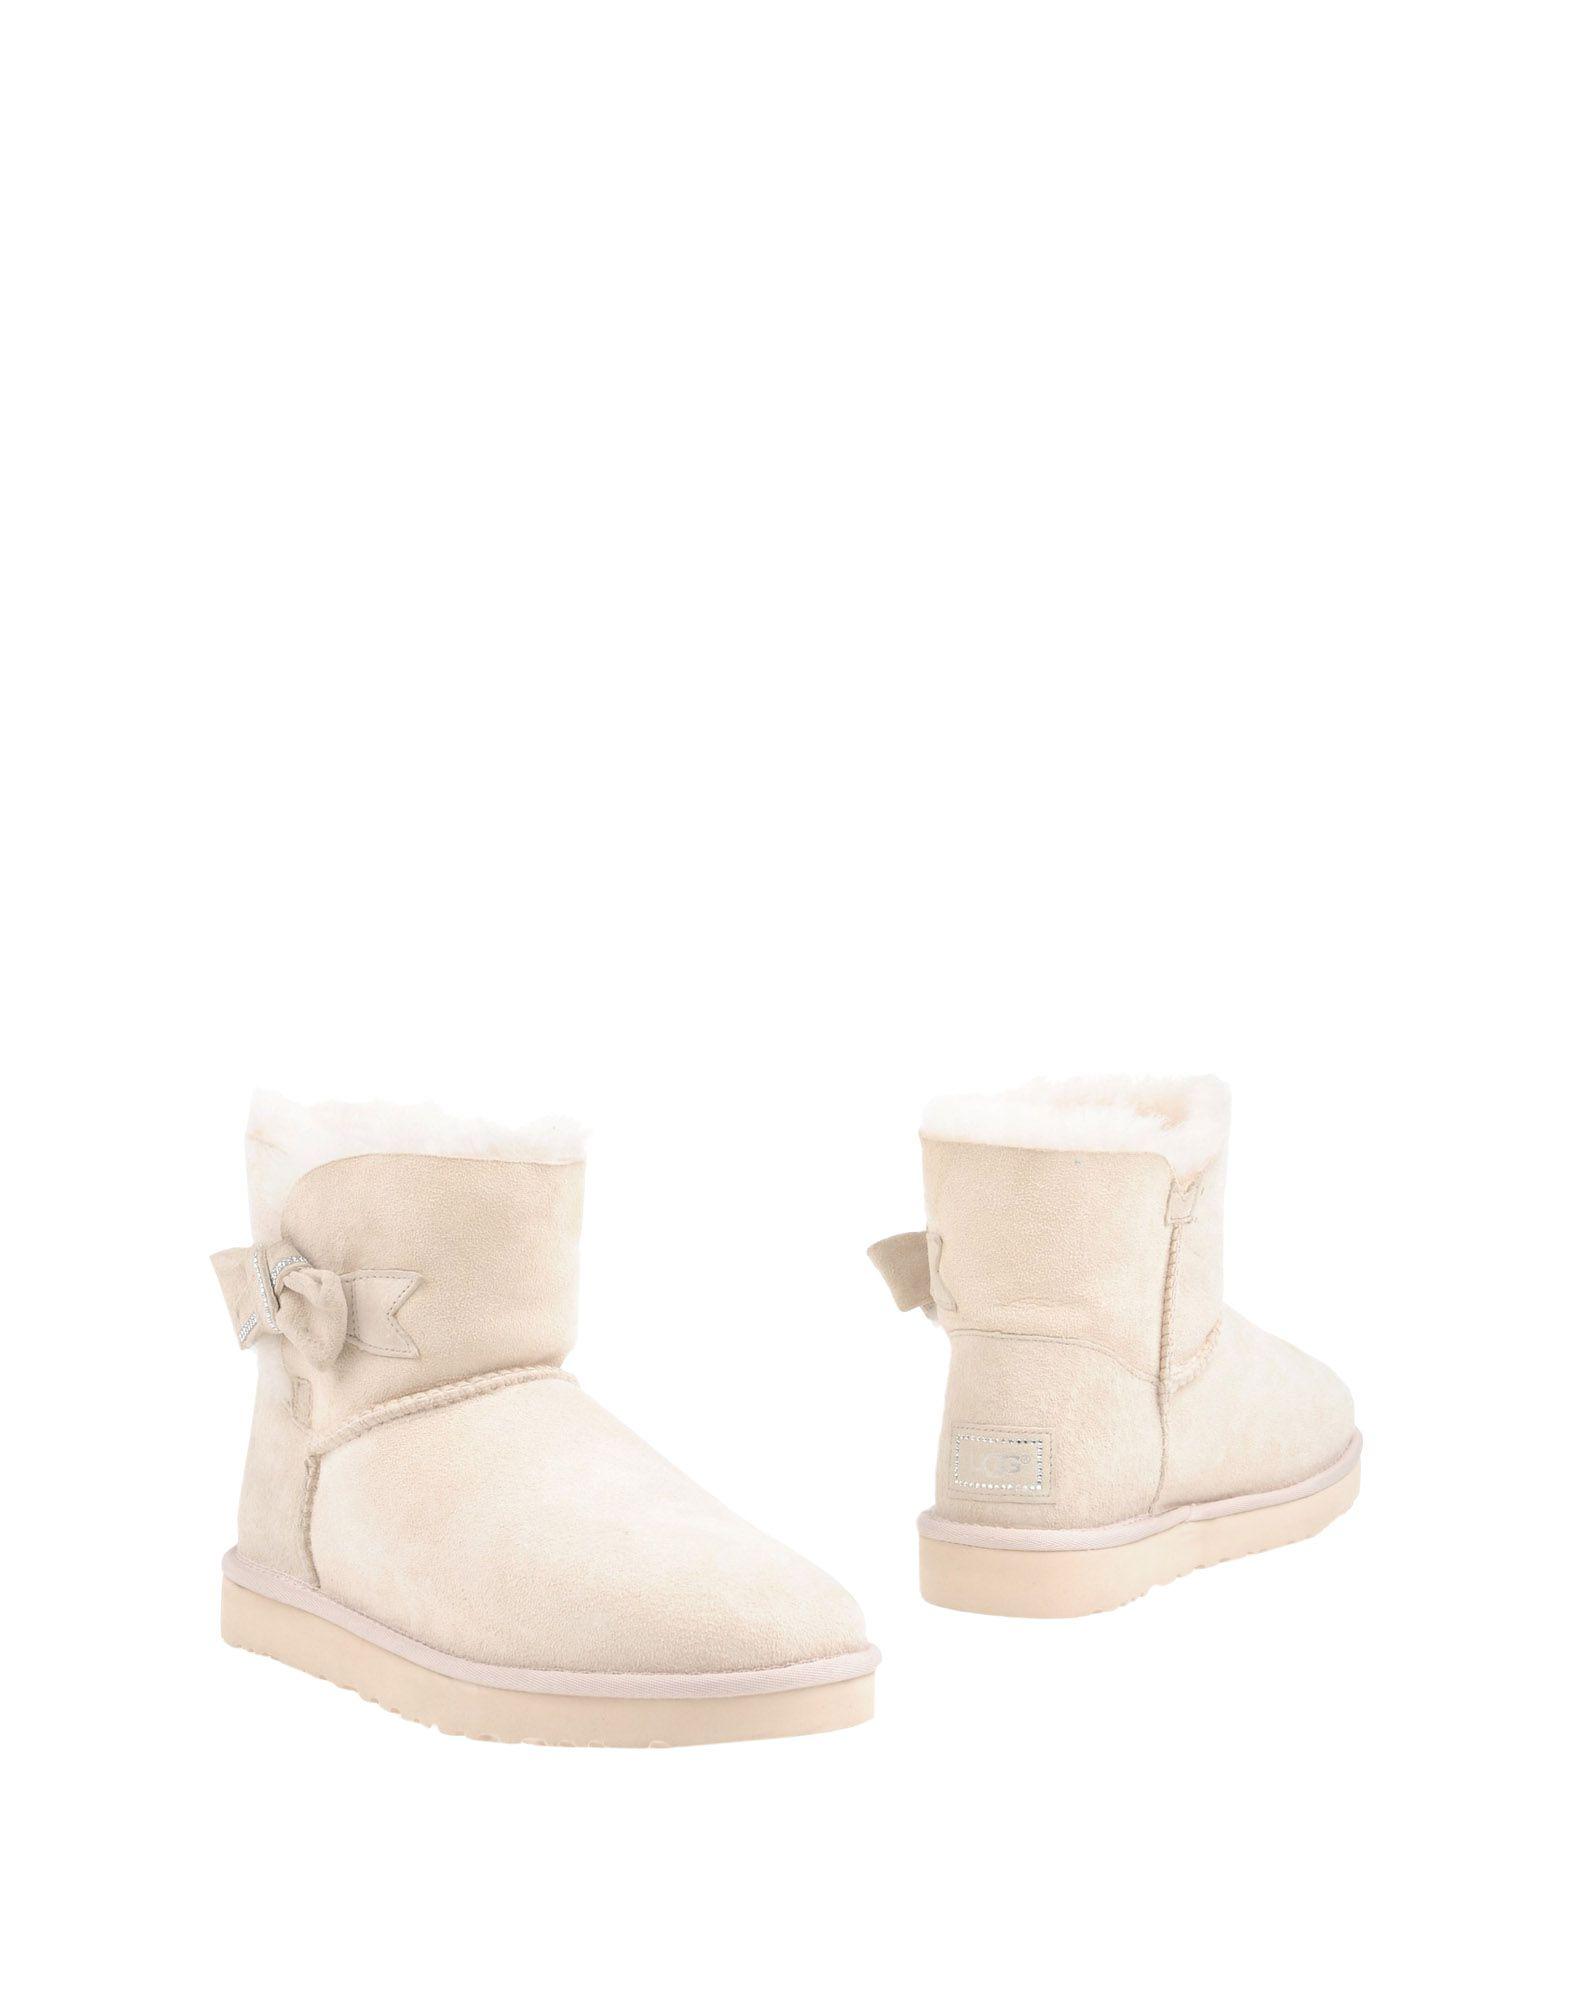 UGG AUSTRALIA Полусапоги и высокие ботинки ugg australia 3236 blk